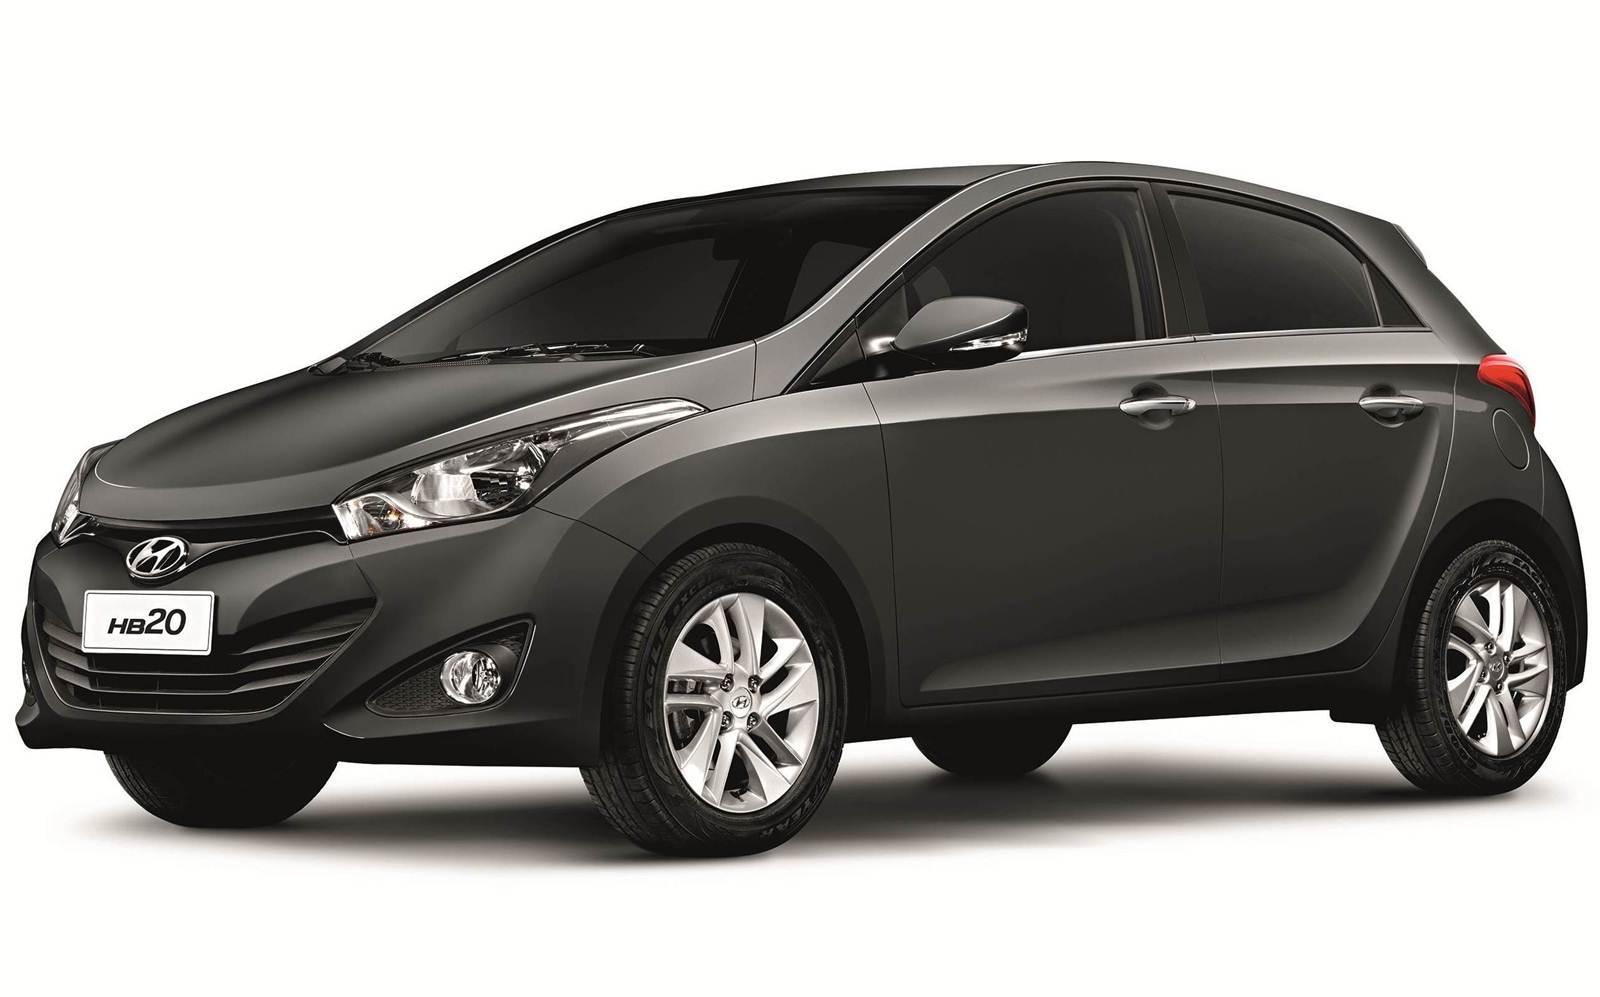 Hyundai HB20 2014 Premium